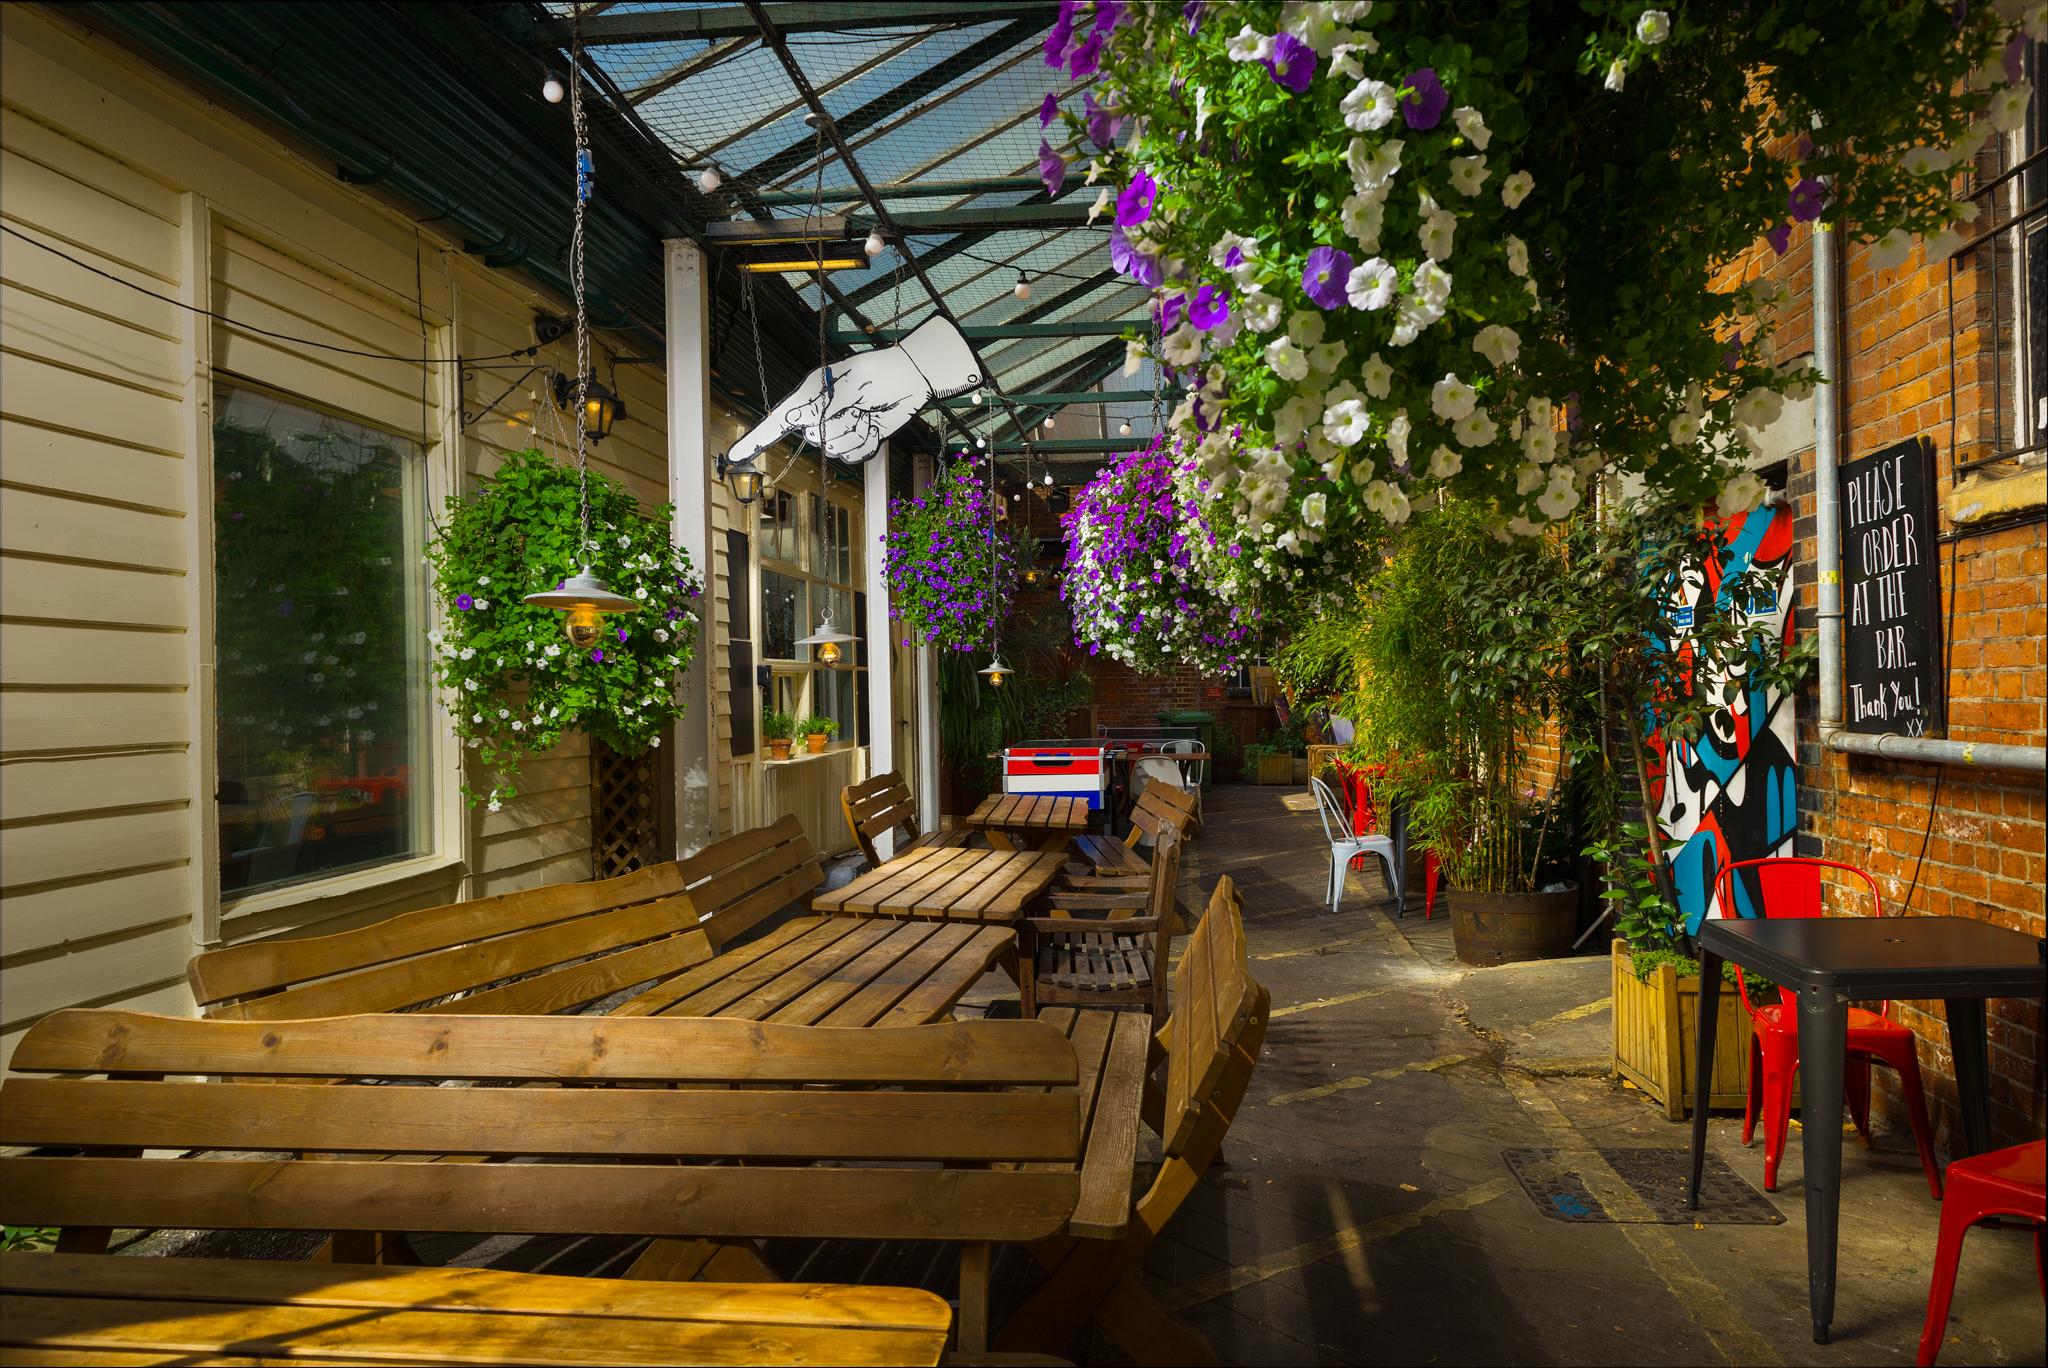 The Jam Factory Oxford Pub Garden